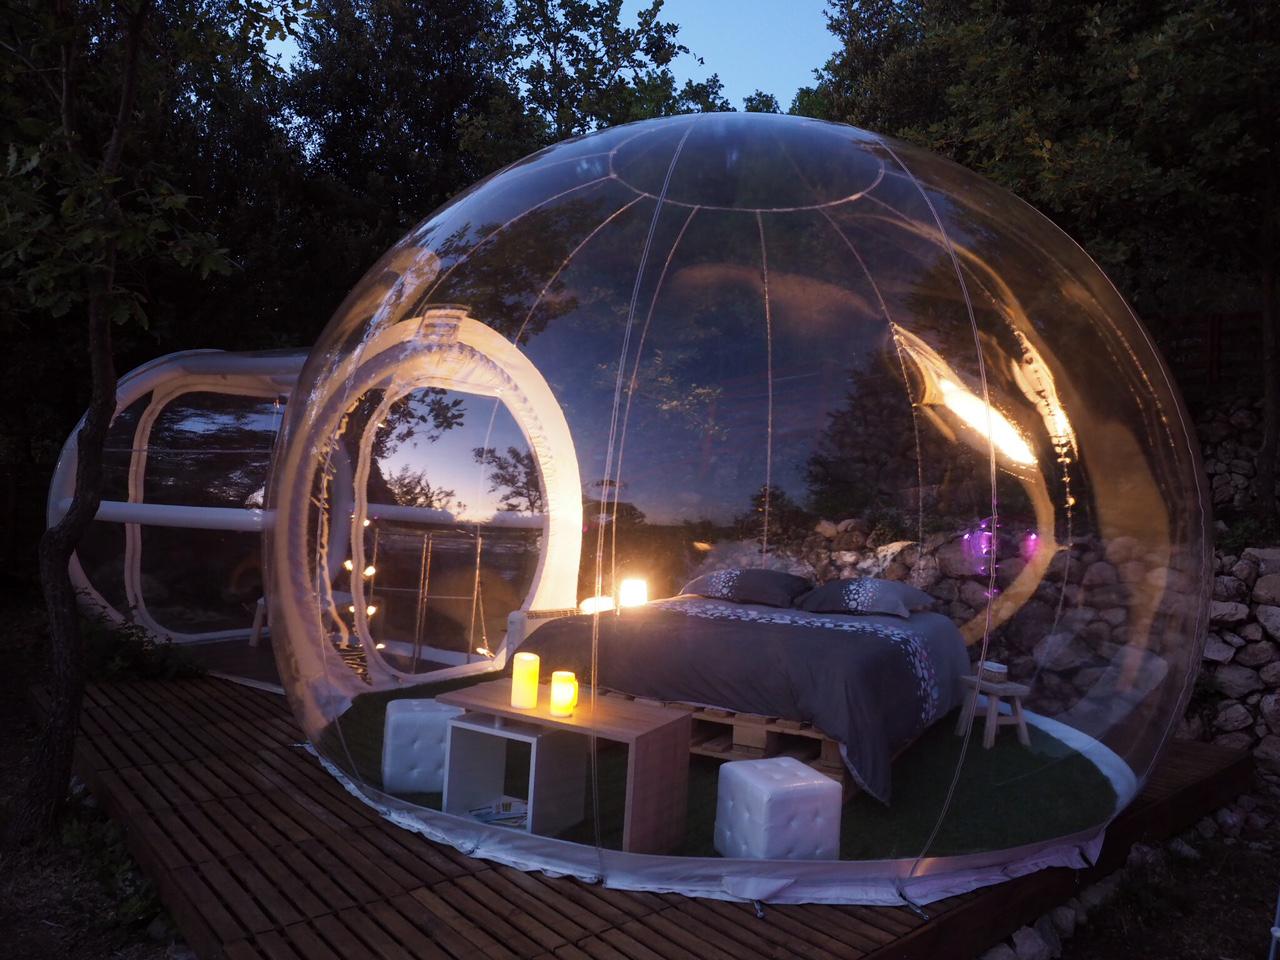 chambre dhtes bulle insolite Gilette Estron